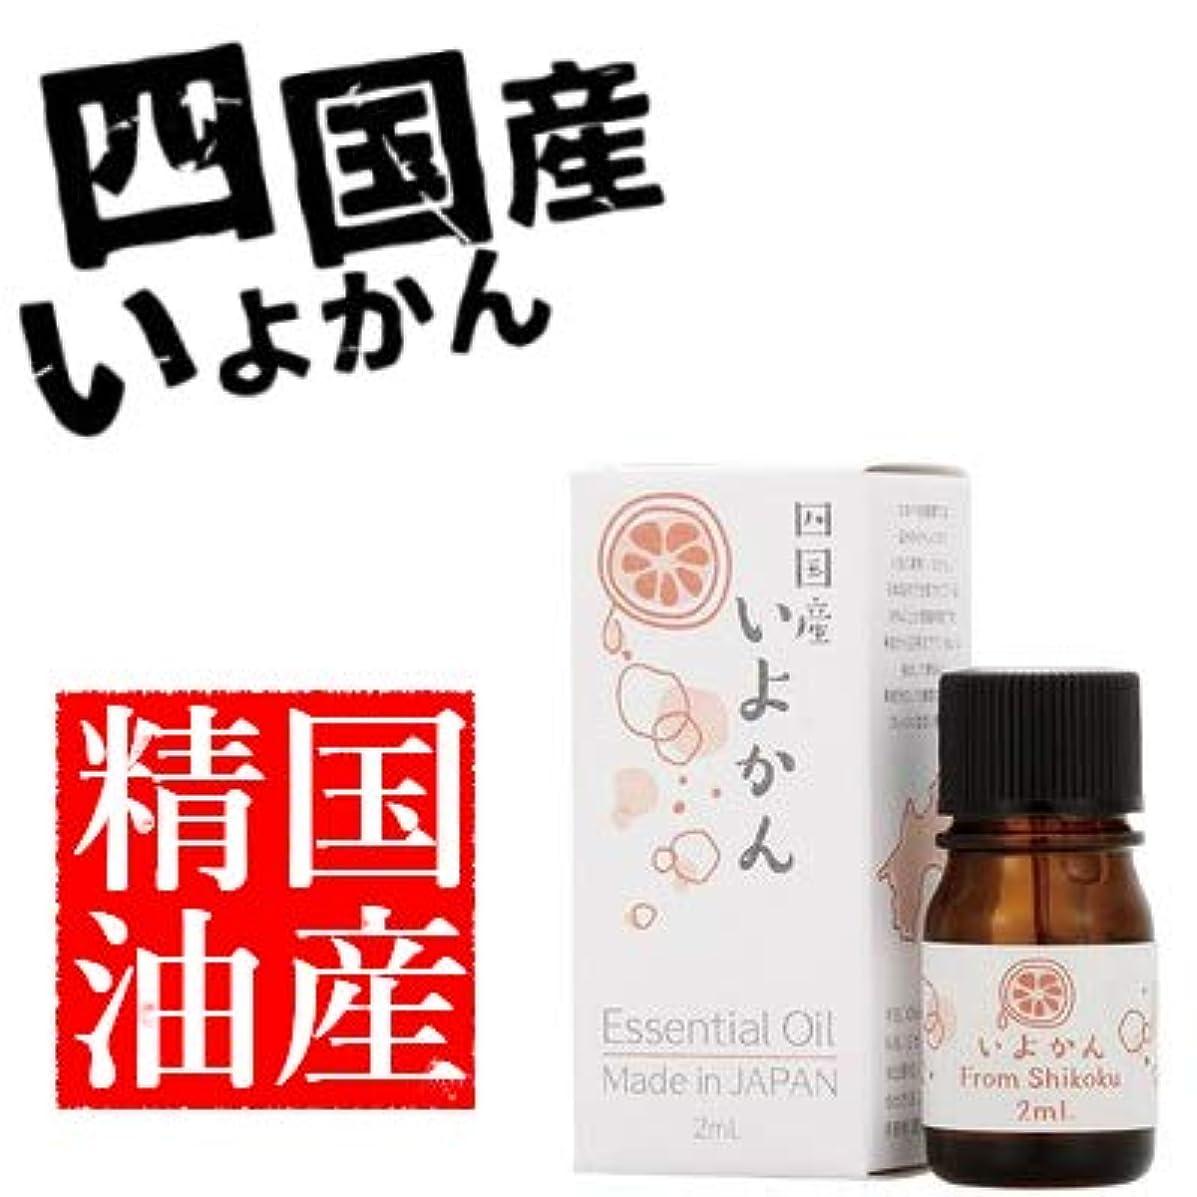 精緻化本土詐欺日本の香りシリーズ エッセンシャルオイル 国産精油 (いよかん)